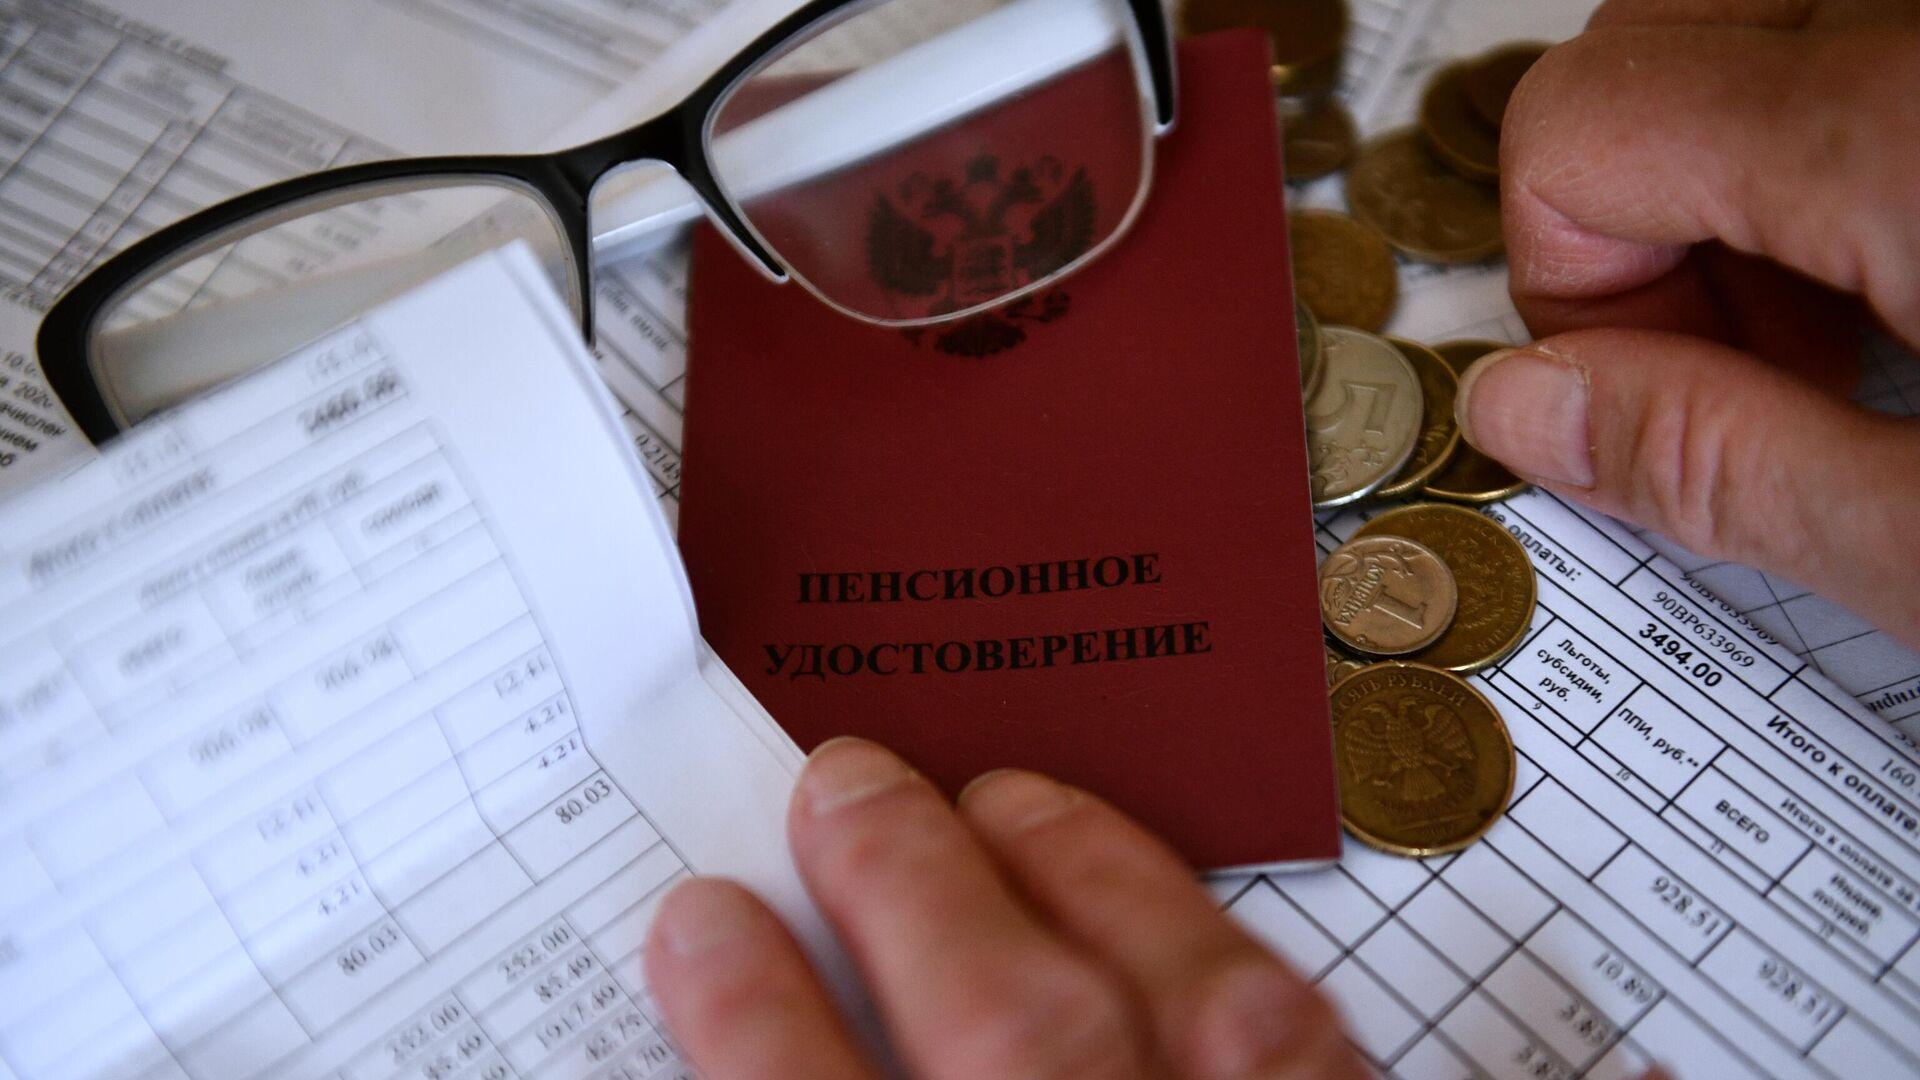 Пенсионное удостоверение - РИА Новости, 1920, 04.06.2021